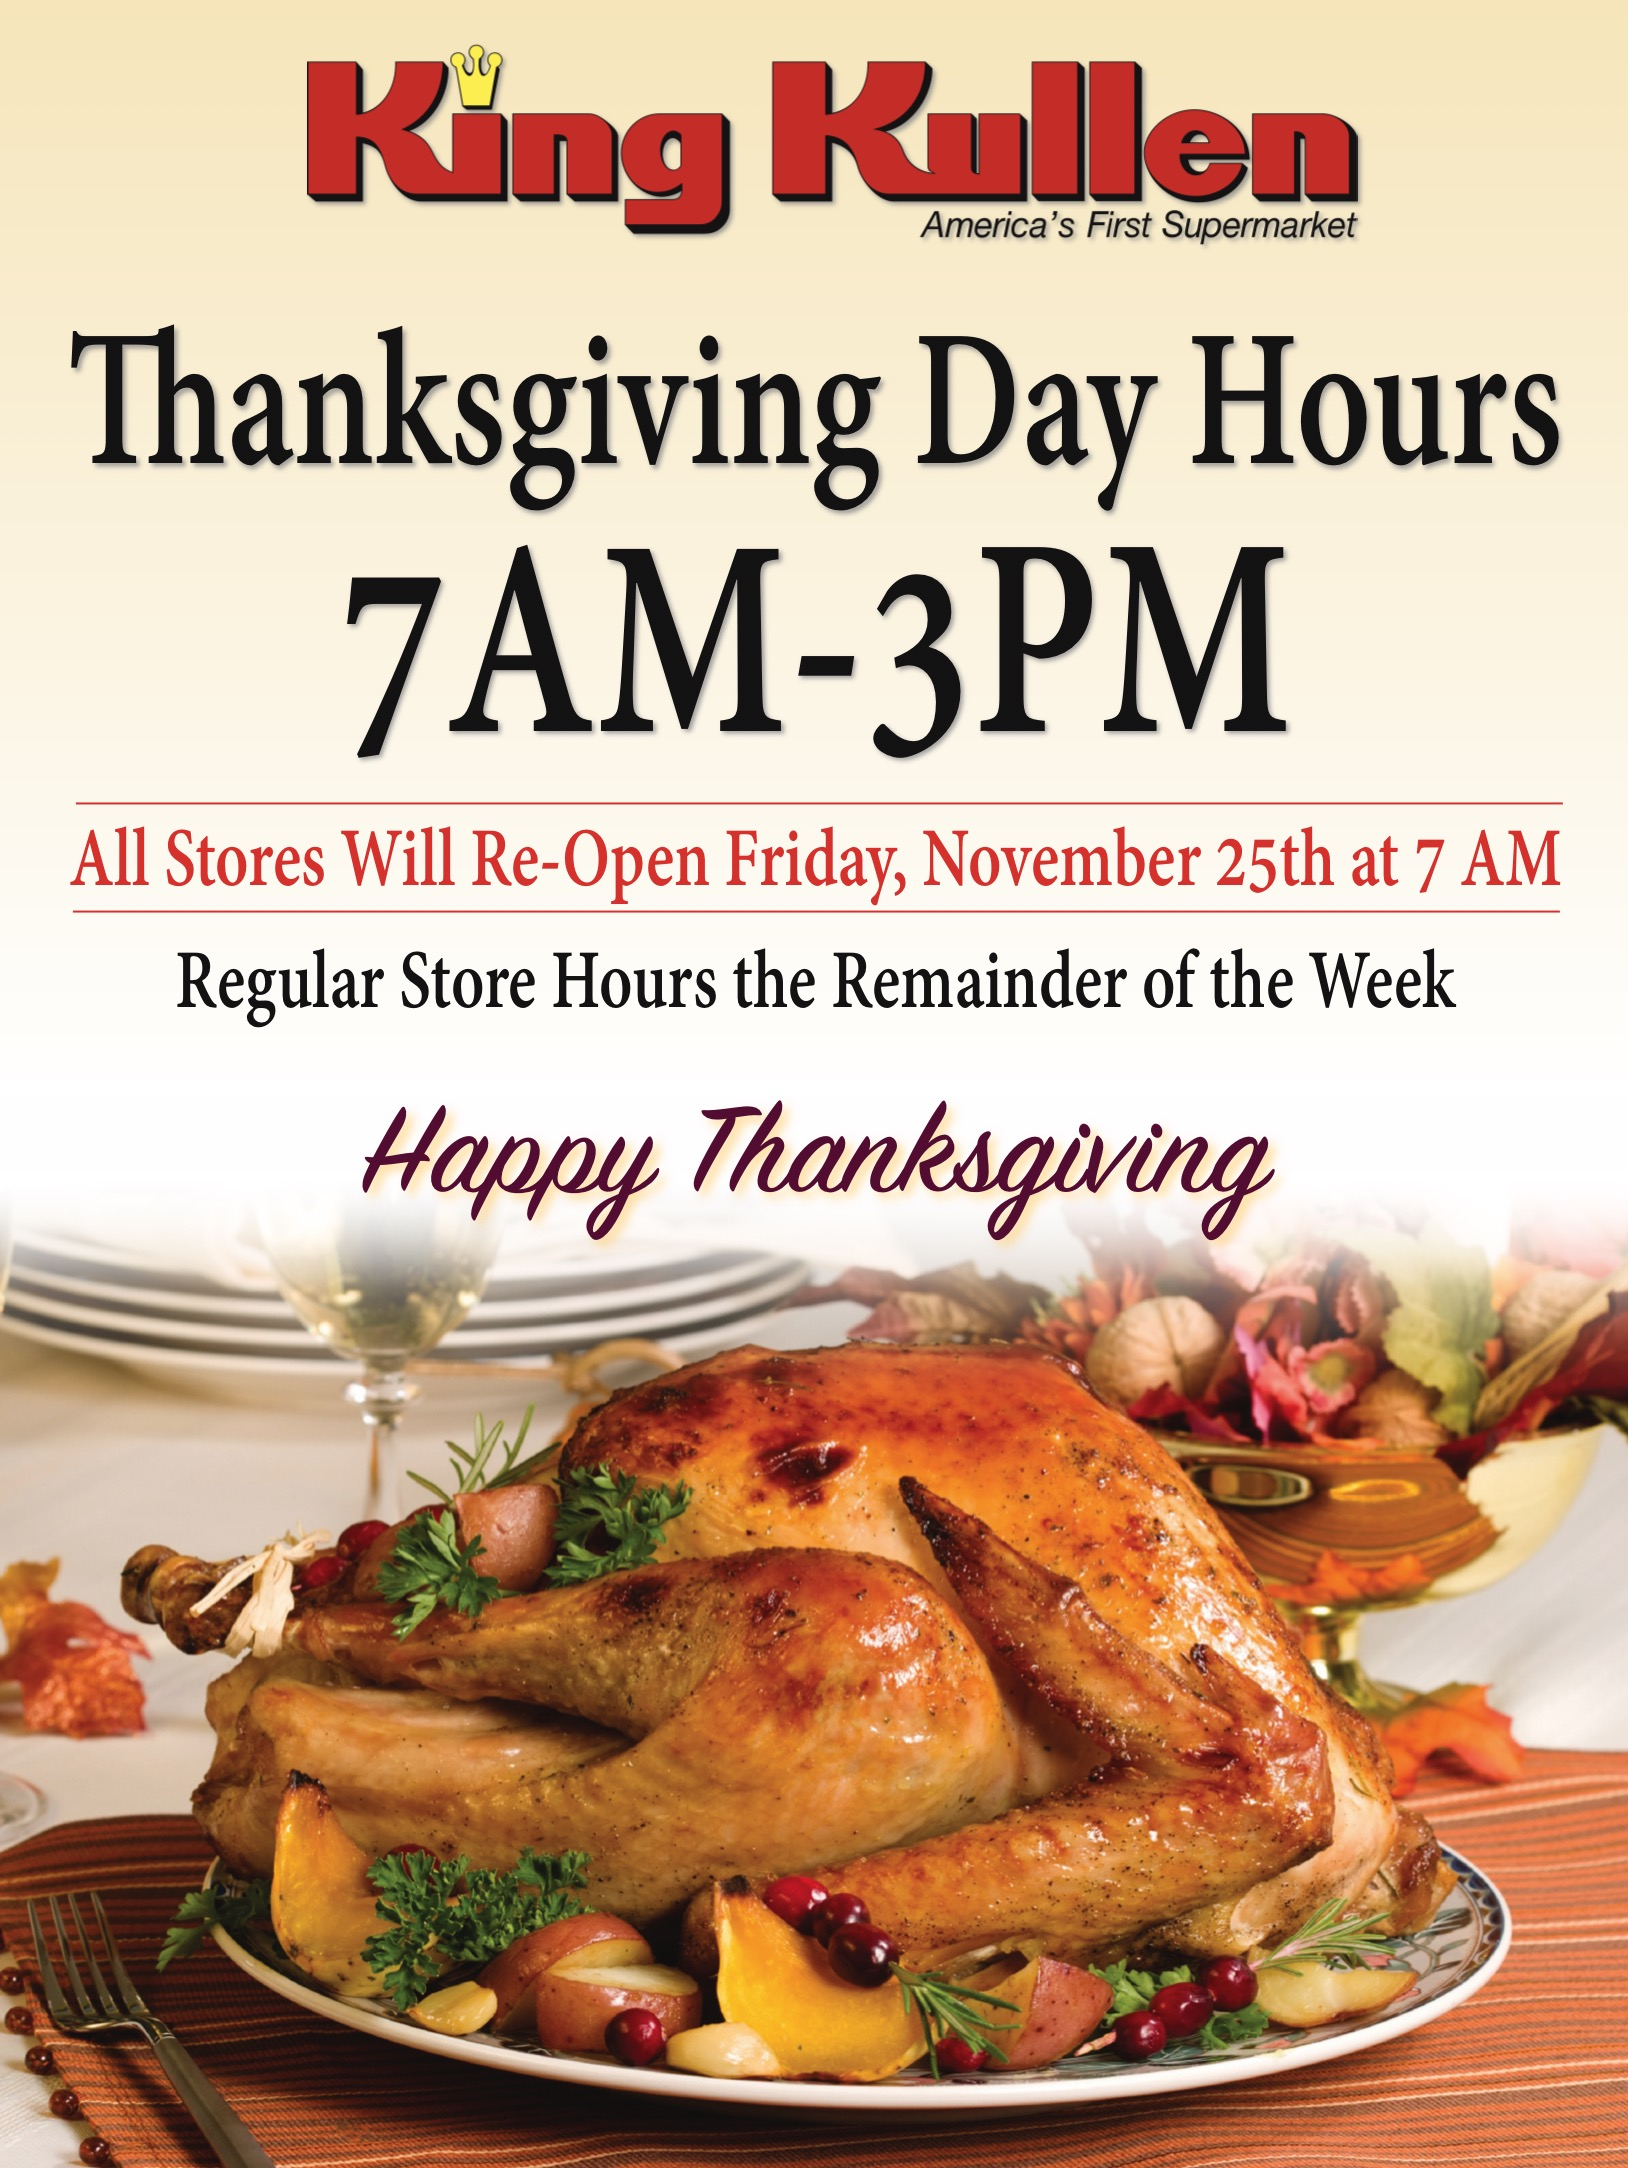 Thanksgiving 2016 Store Hours King Kullen